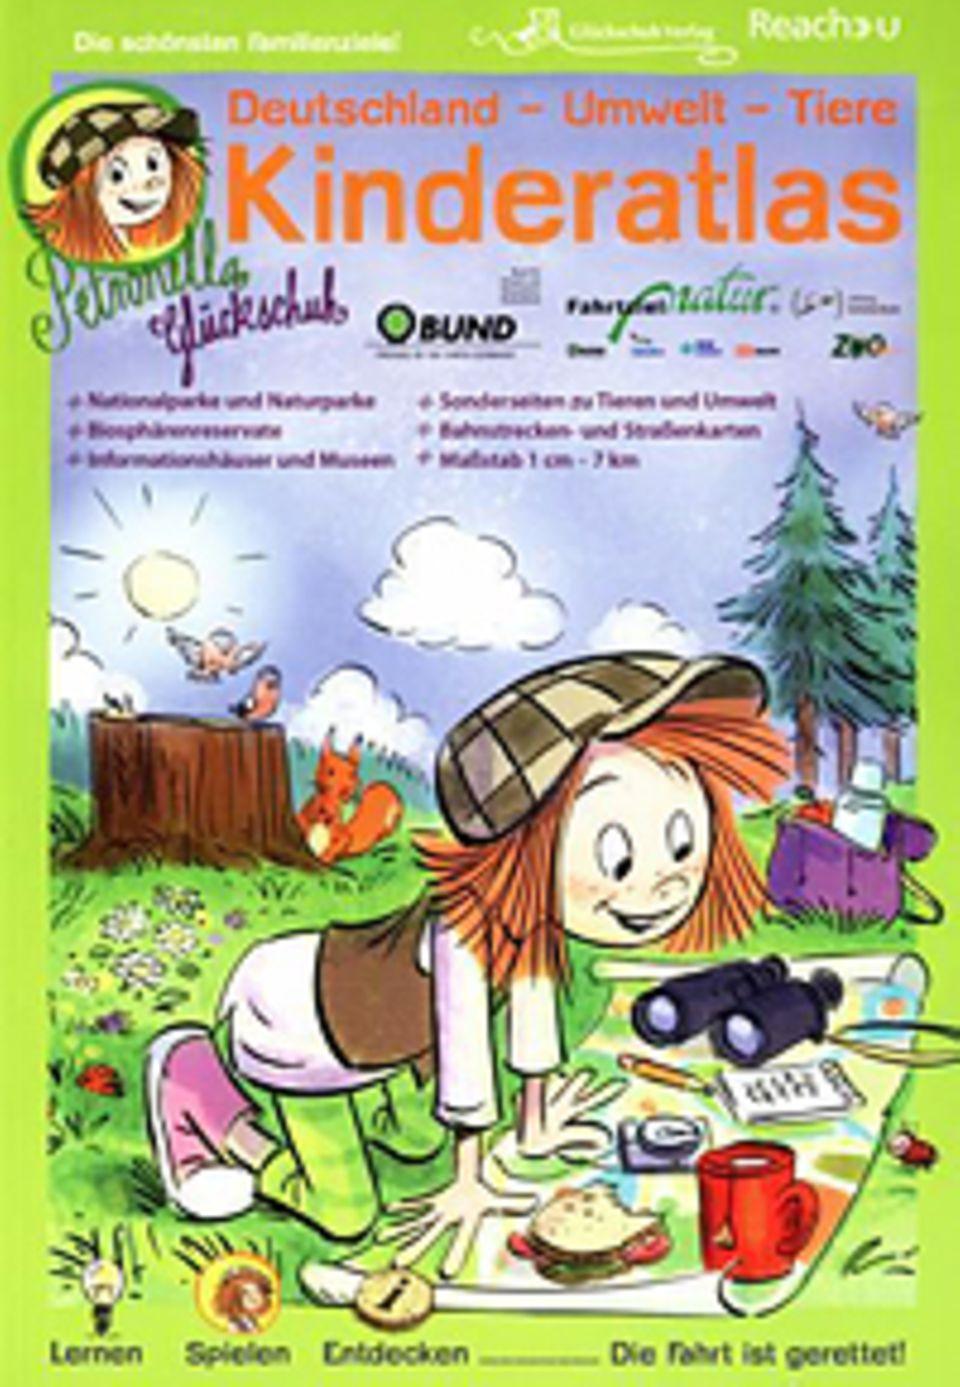 Der Kinderatlas kostet 19,95 Euro und ist im Glückschuh Verlag erhältlich